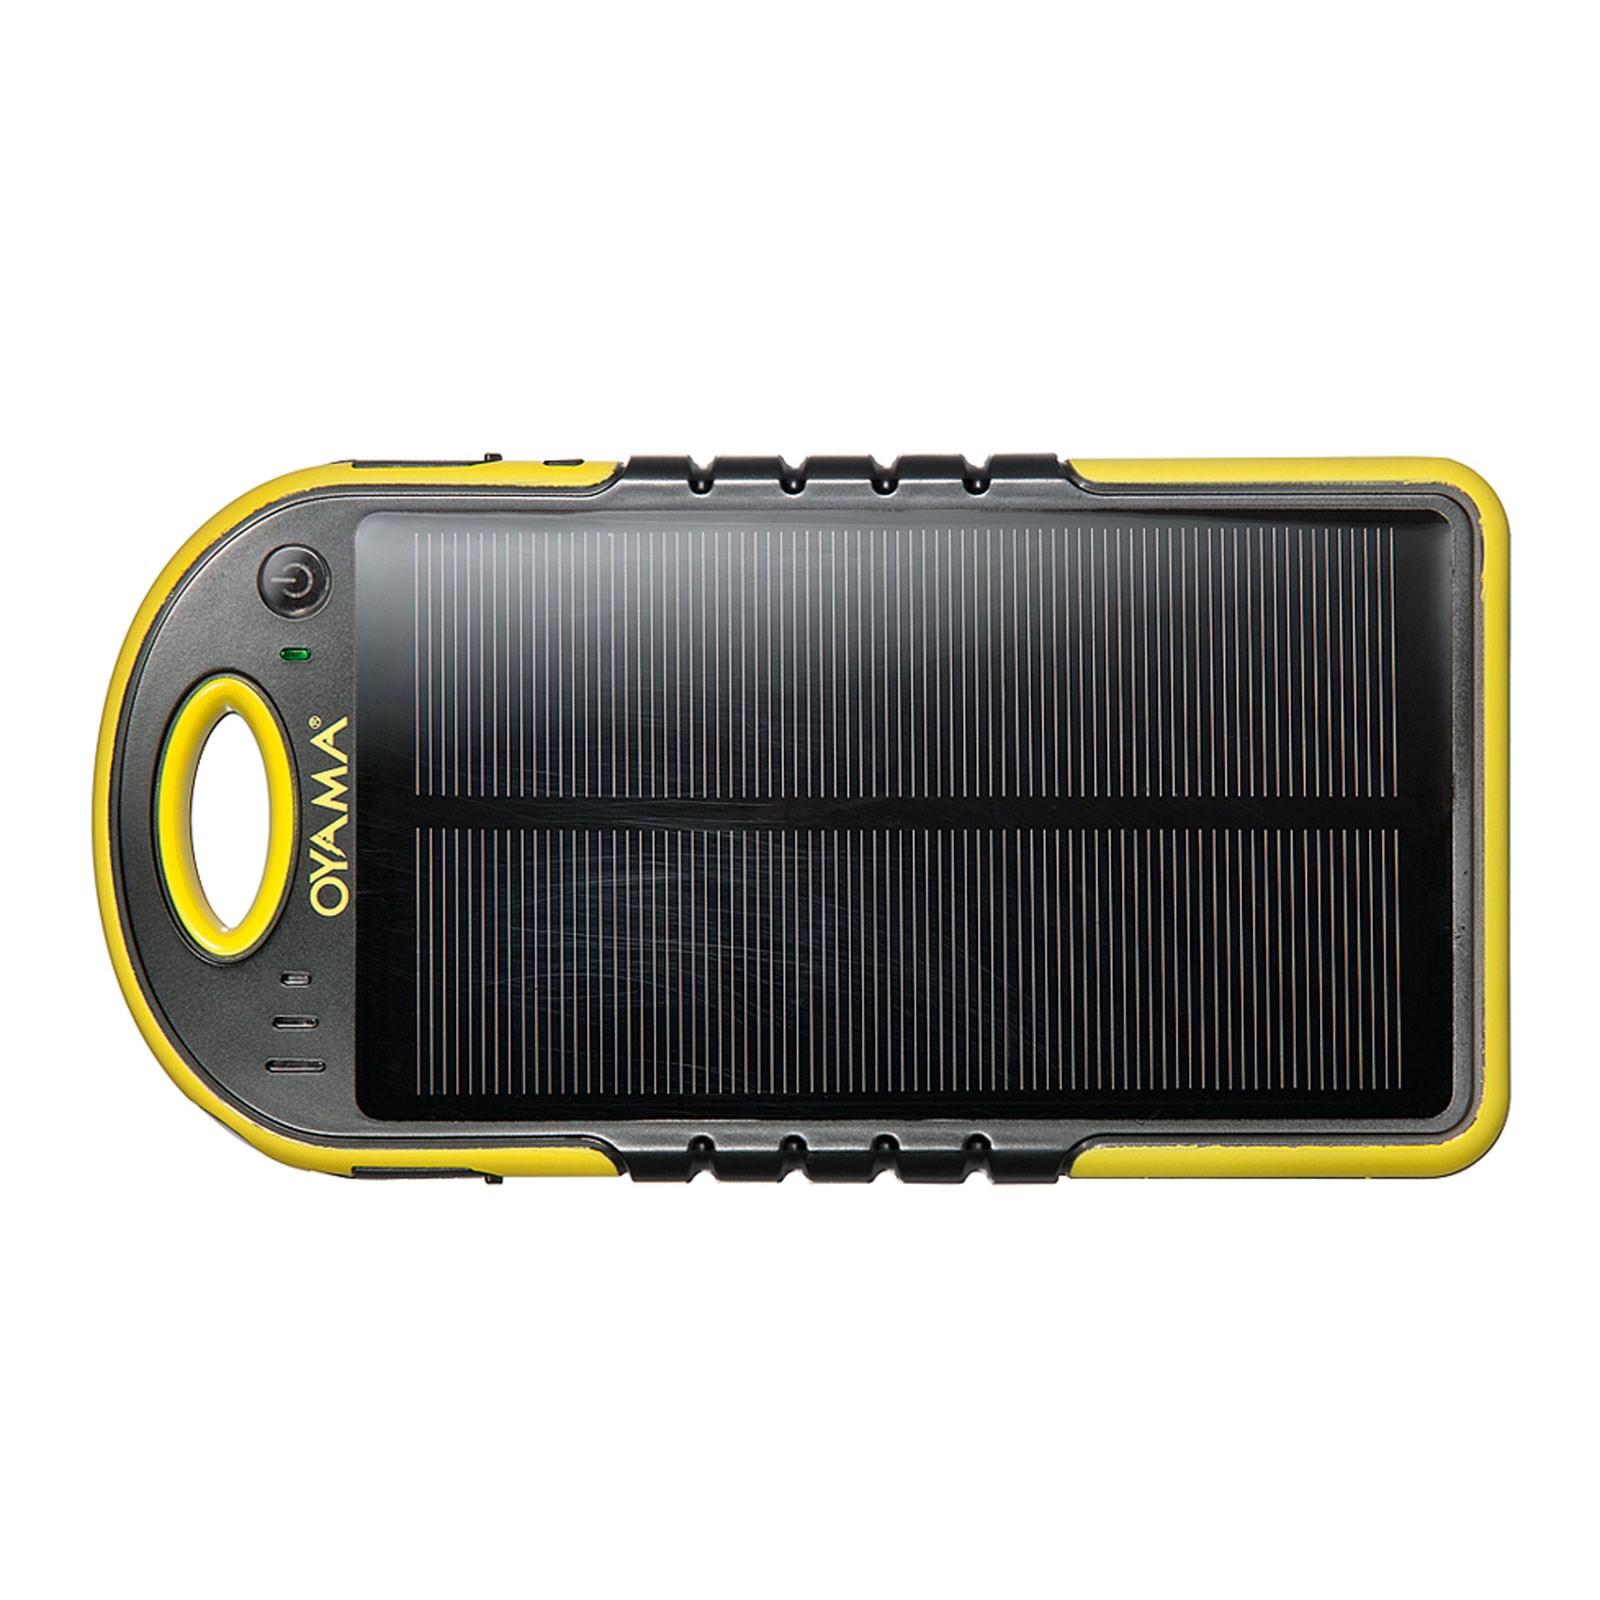 chargeur solaire hybride avec batterie id e cadeau france. Black Bedroom Furniture Sets. Home Design Ideas